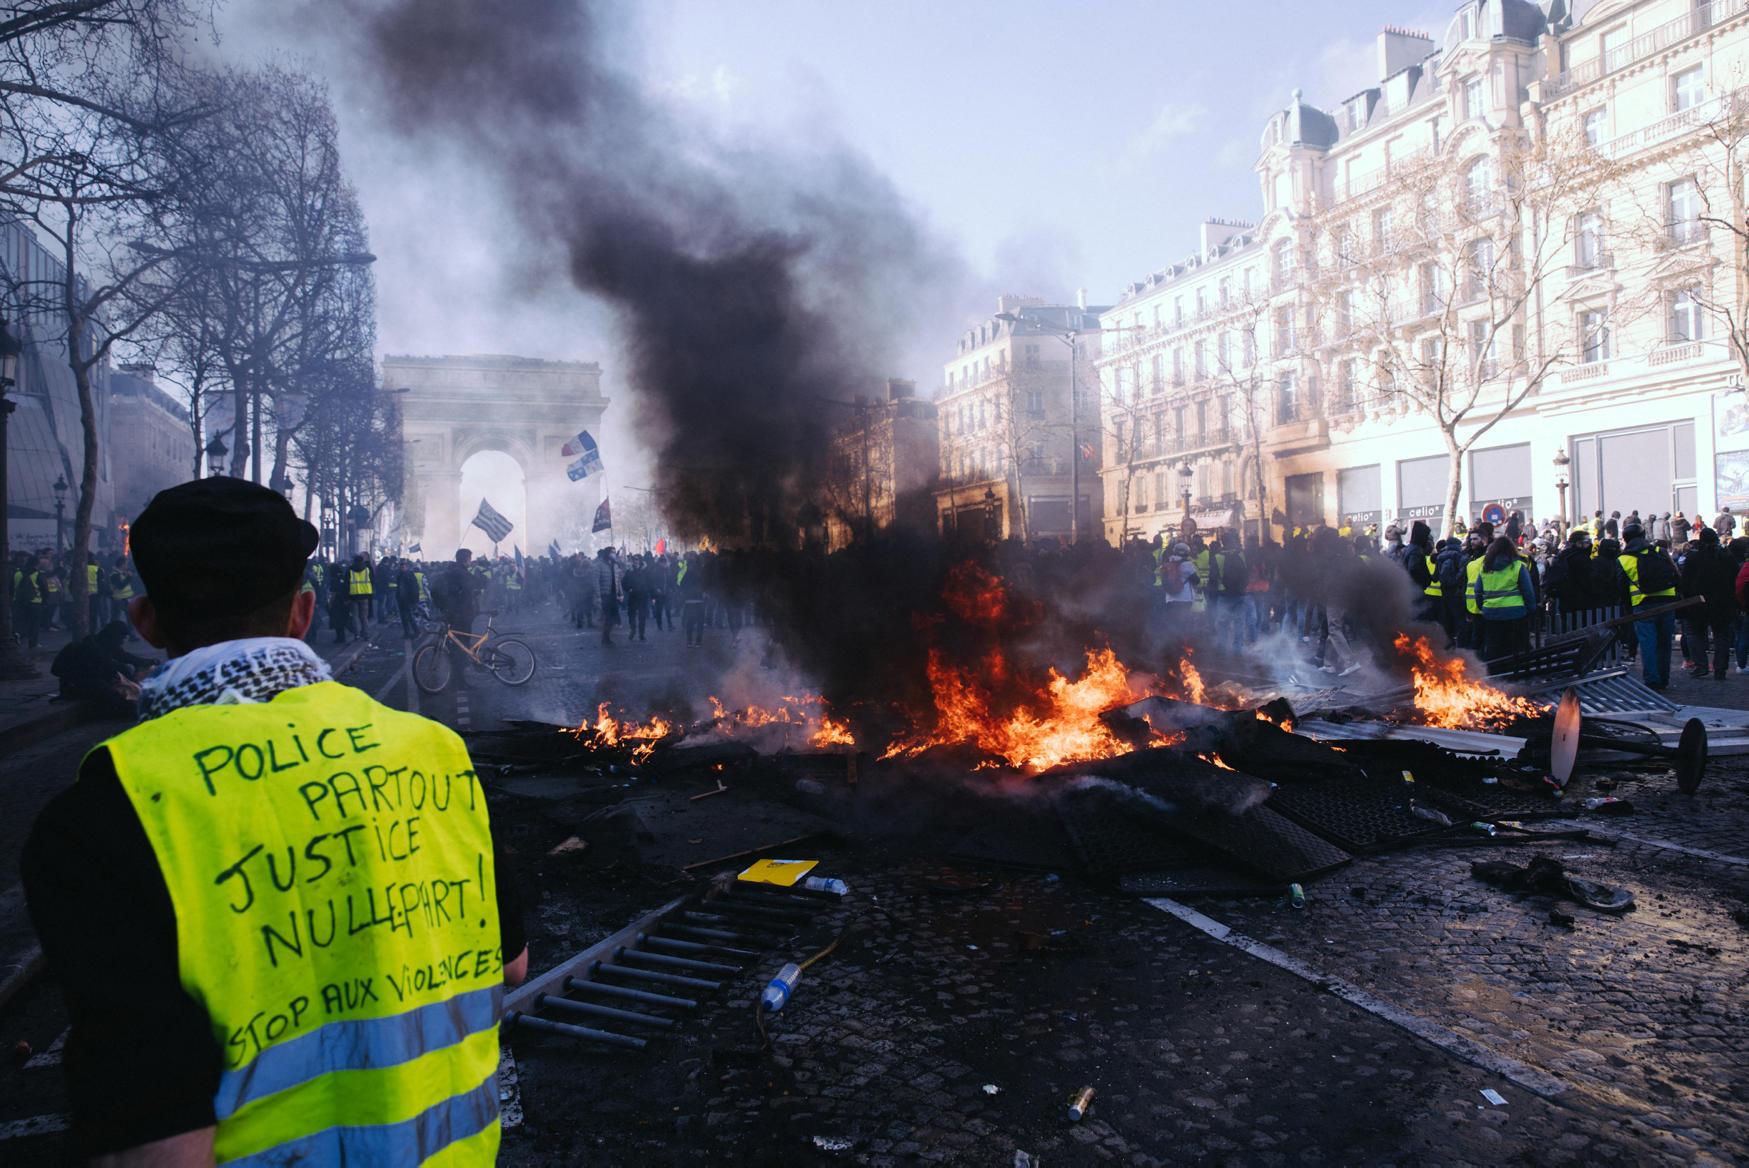 Après les dernières violences de samedi lors de l'acte XVIII des Gilets jaunes, la notedevrait dépasser les 20 millions d'euros pour Paris.